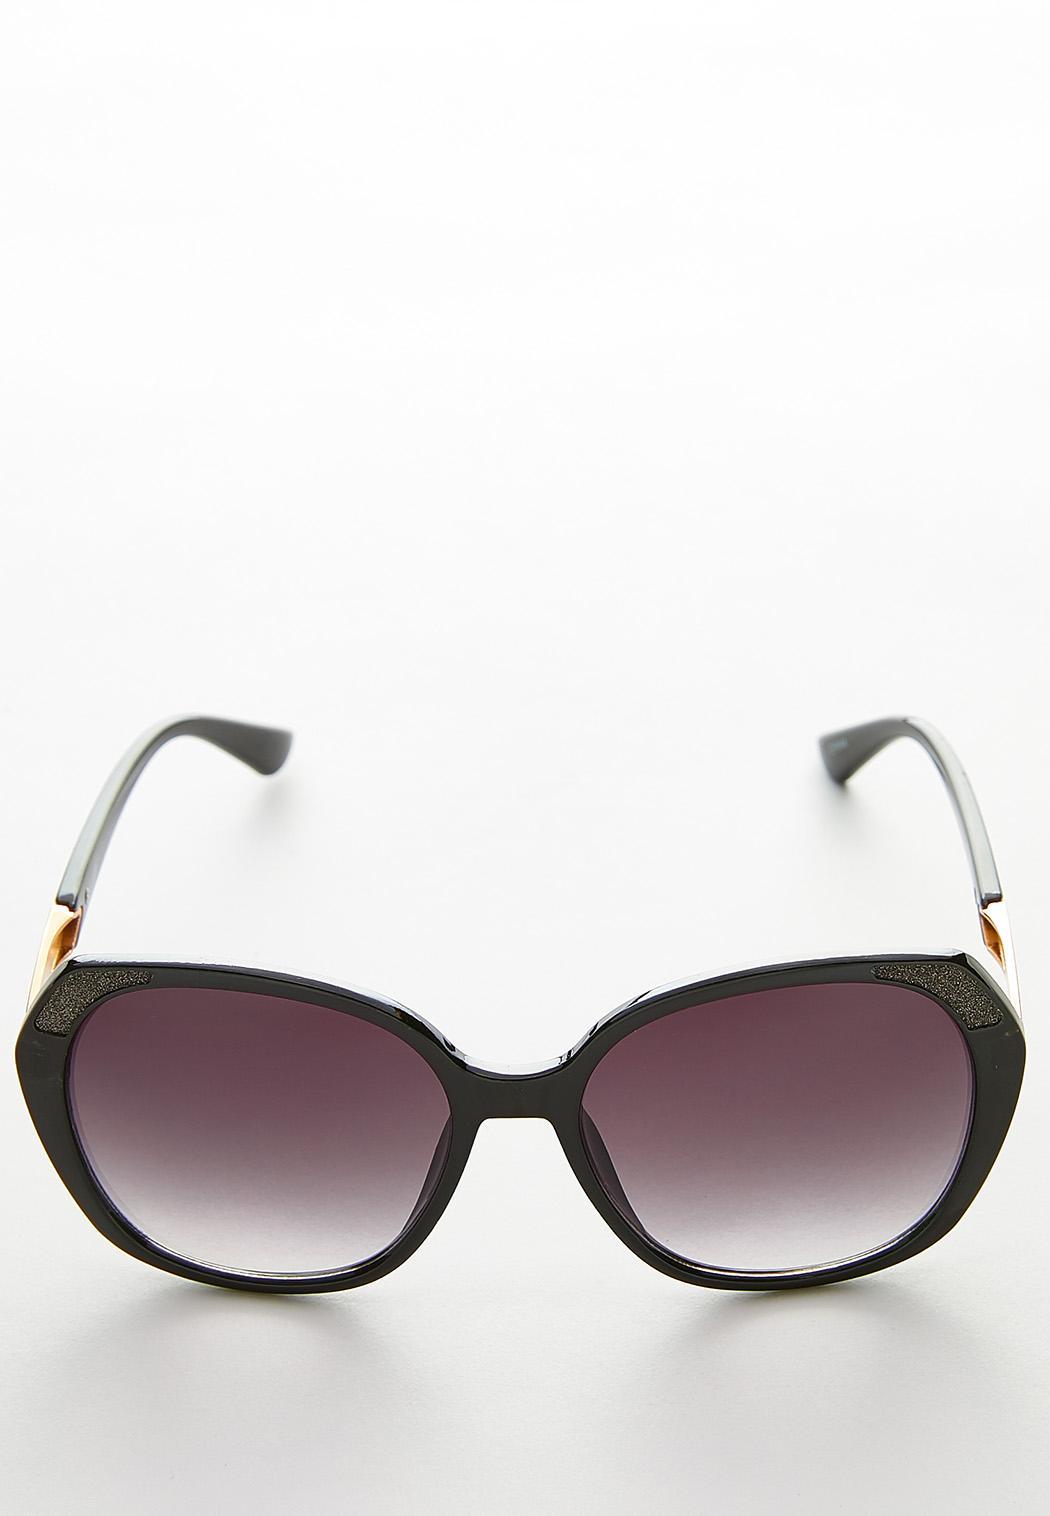 8de6dc8486 Glitter Rim Oversized Sunglasses Sunglasses Cato Fashions